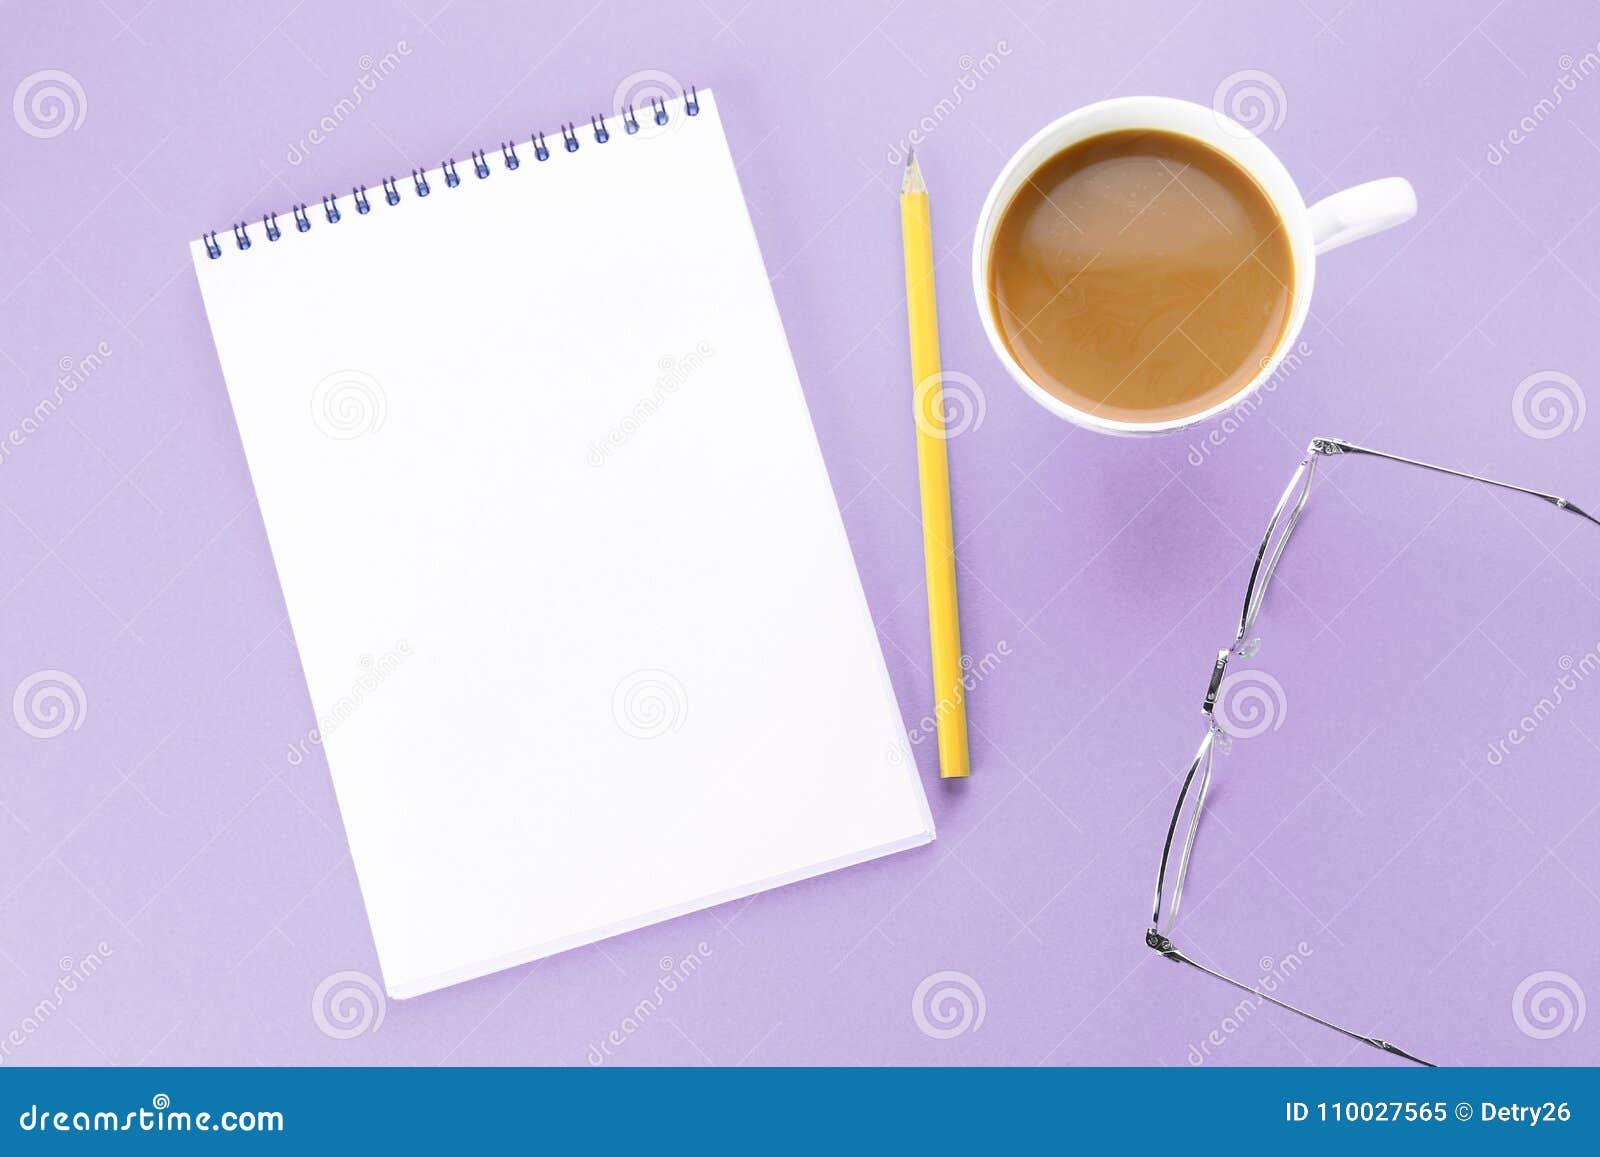 Draufsichtbild des offenen Notizbuches mit Leerseiten und Kaffee auf blauem Hintergrund, bereiten für das Hinzufügen vor oder ver